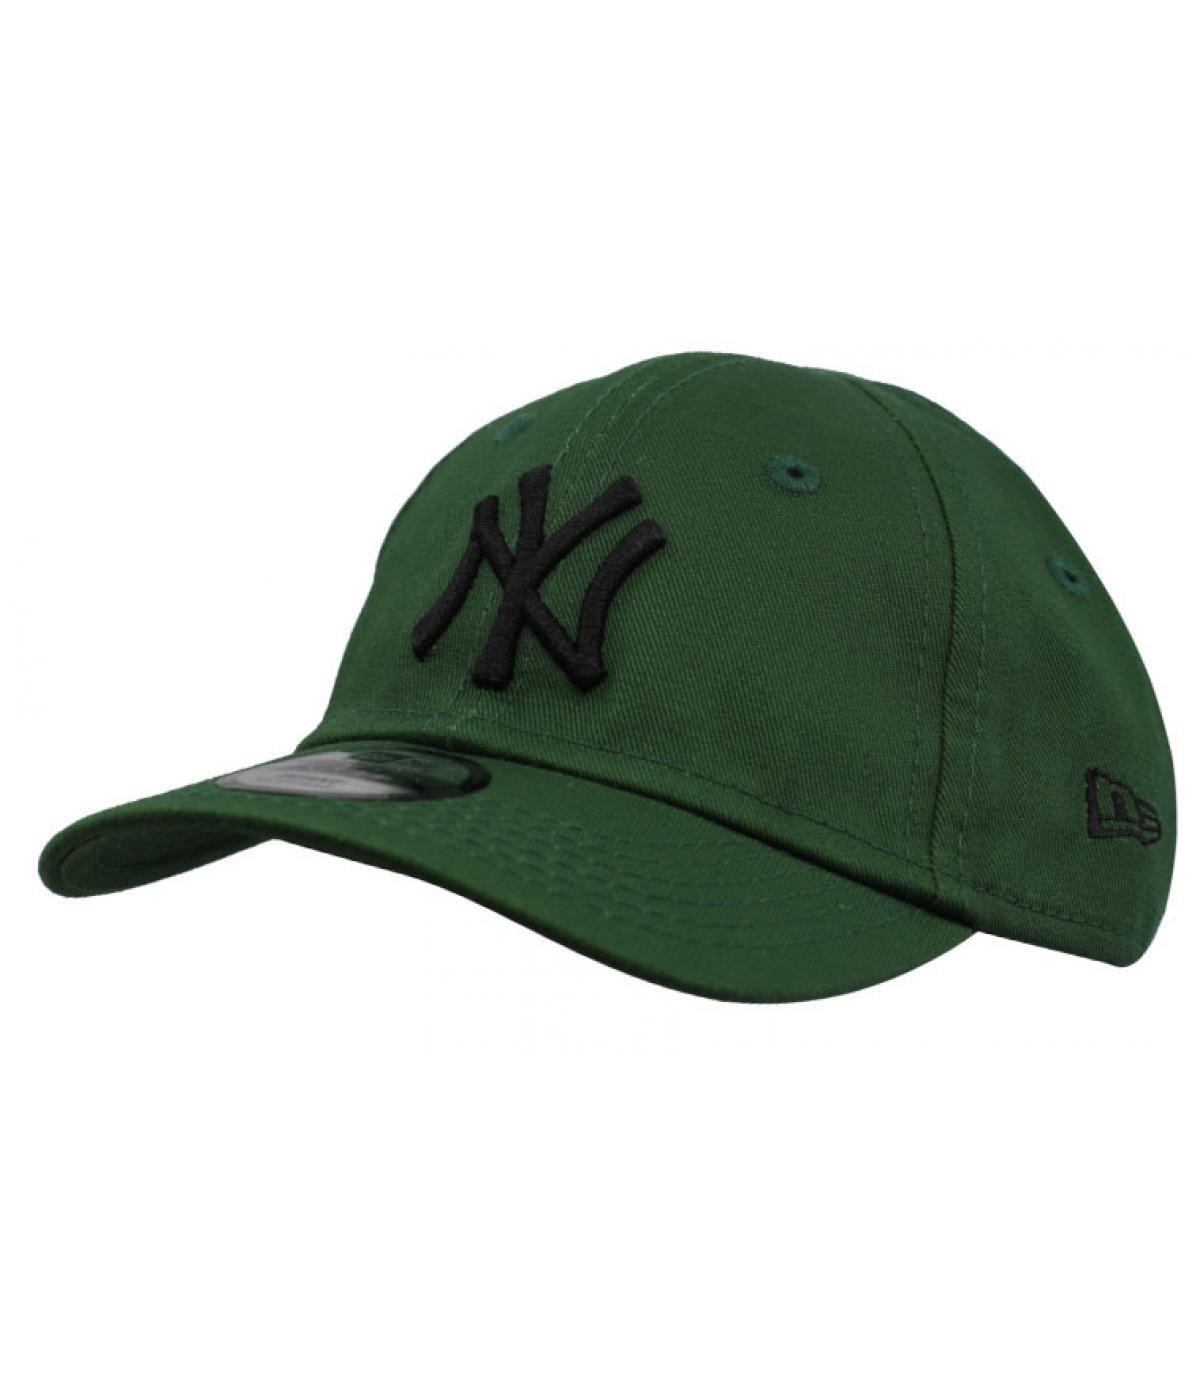 Détails Casquette bébé League Ess NY green black - image 2